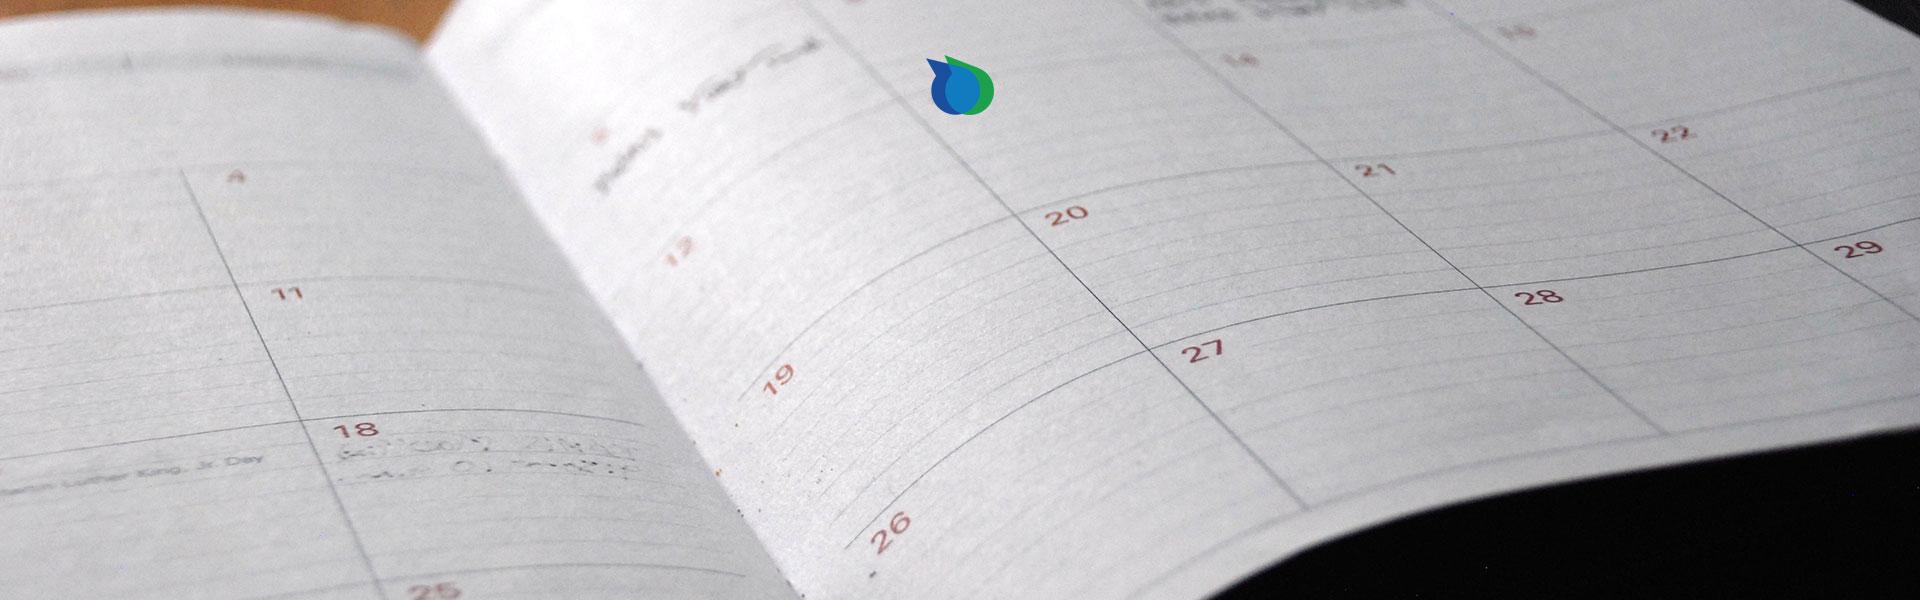 header-postare-calendar-marketing-2017.jpg